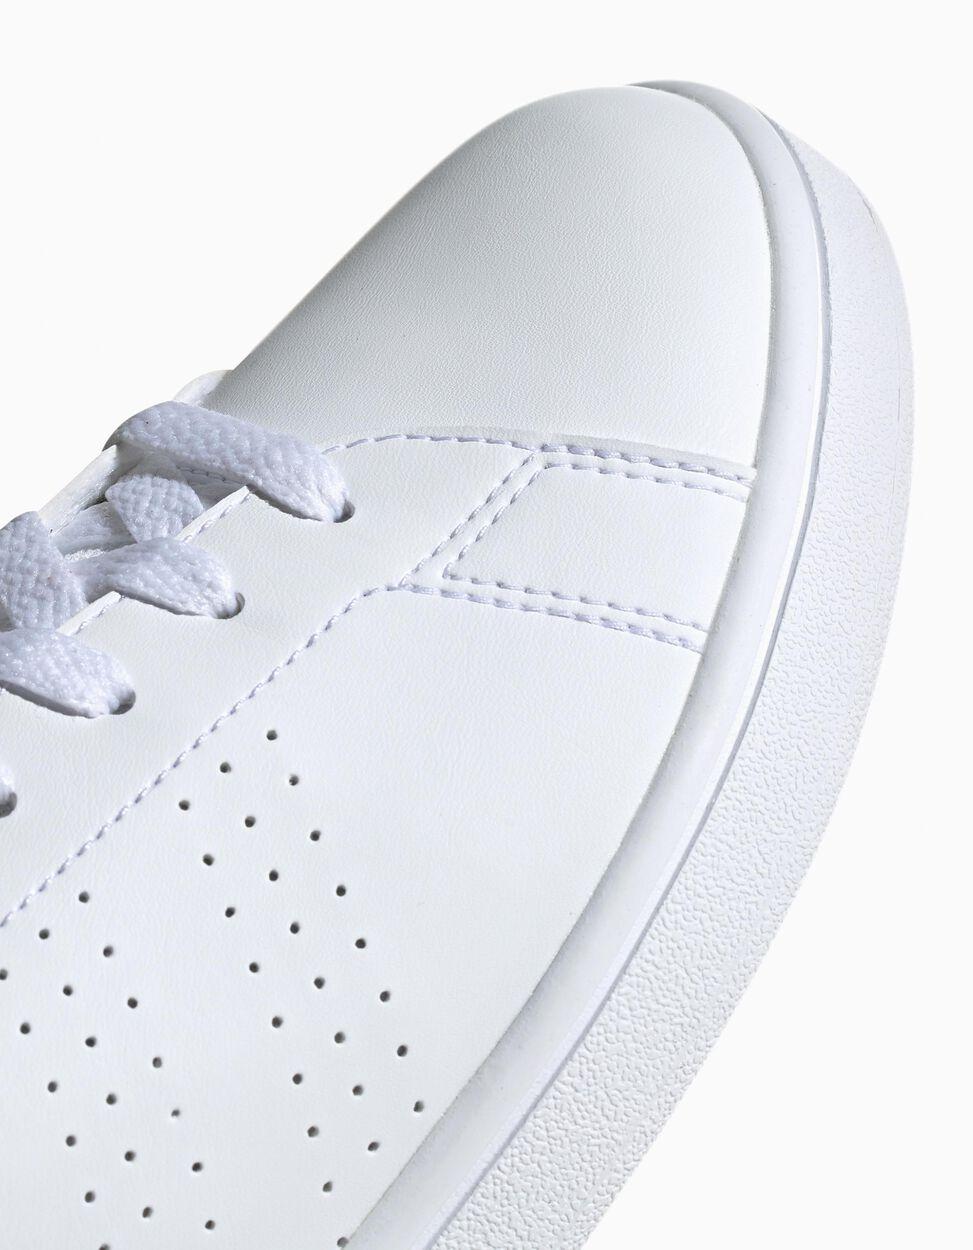 Sapatilha Adidas Advantage Base com listas perfuradas